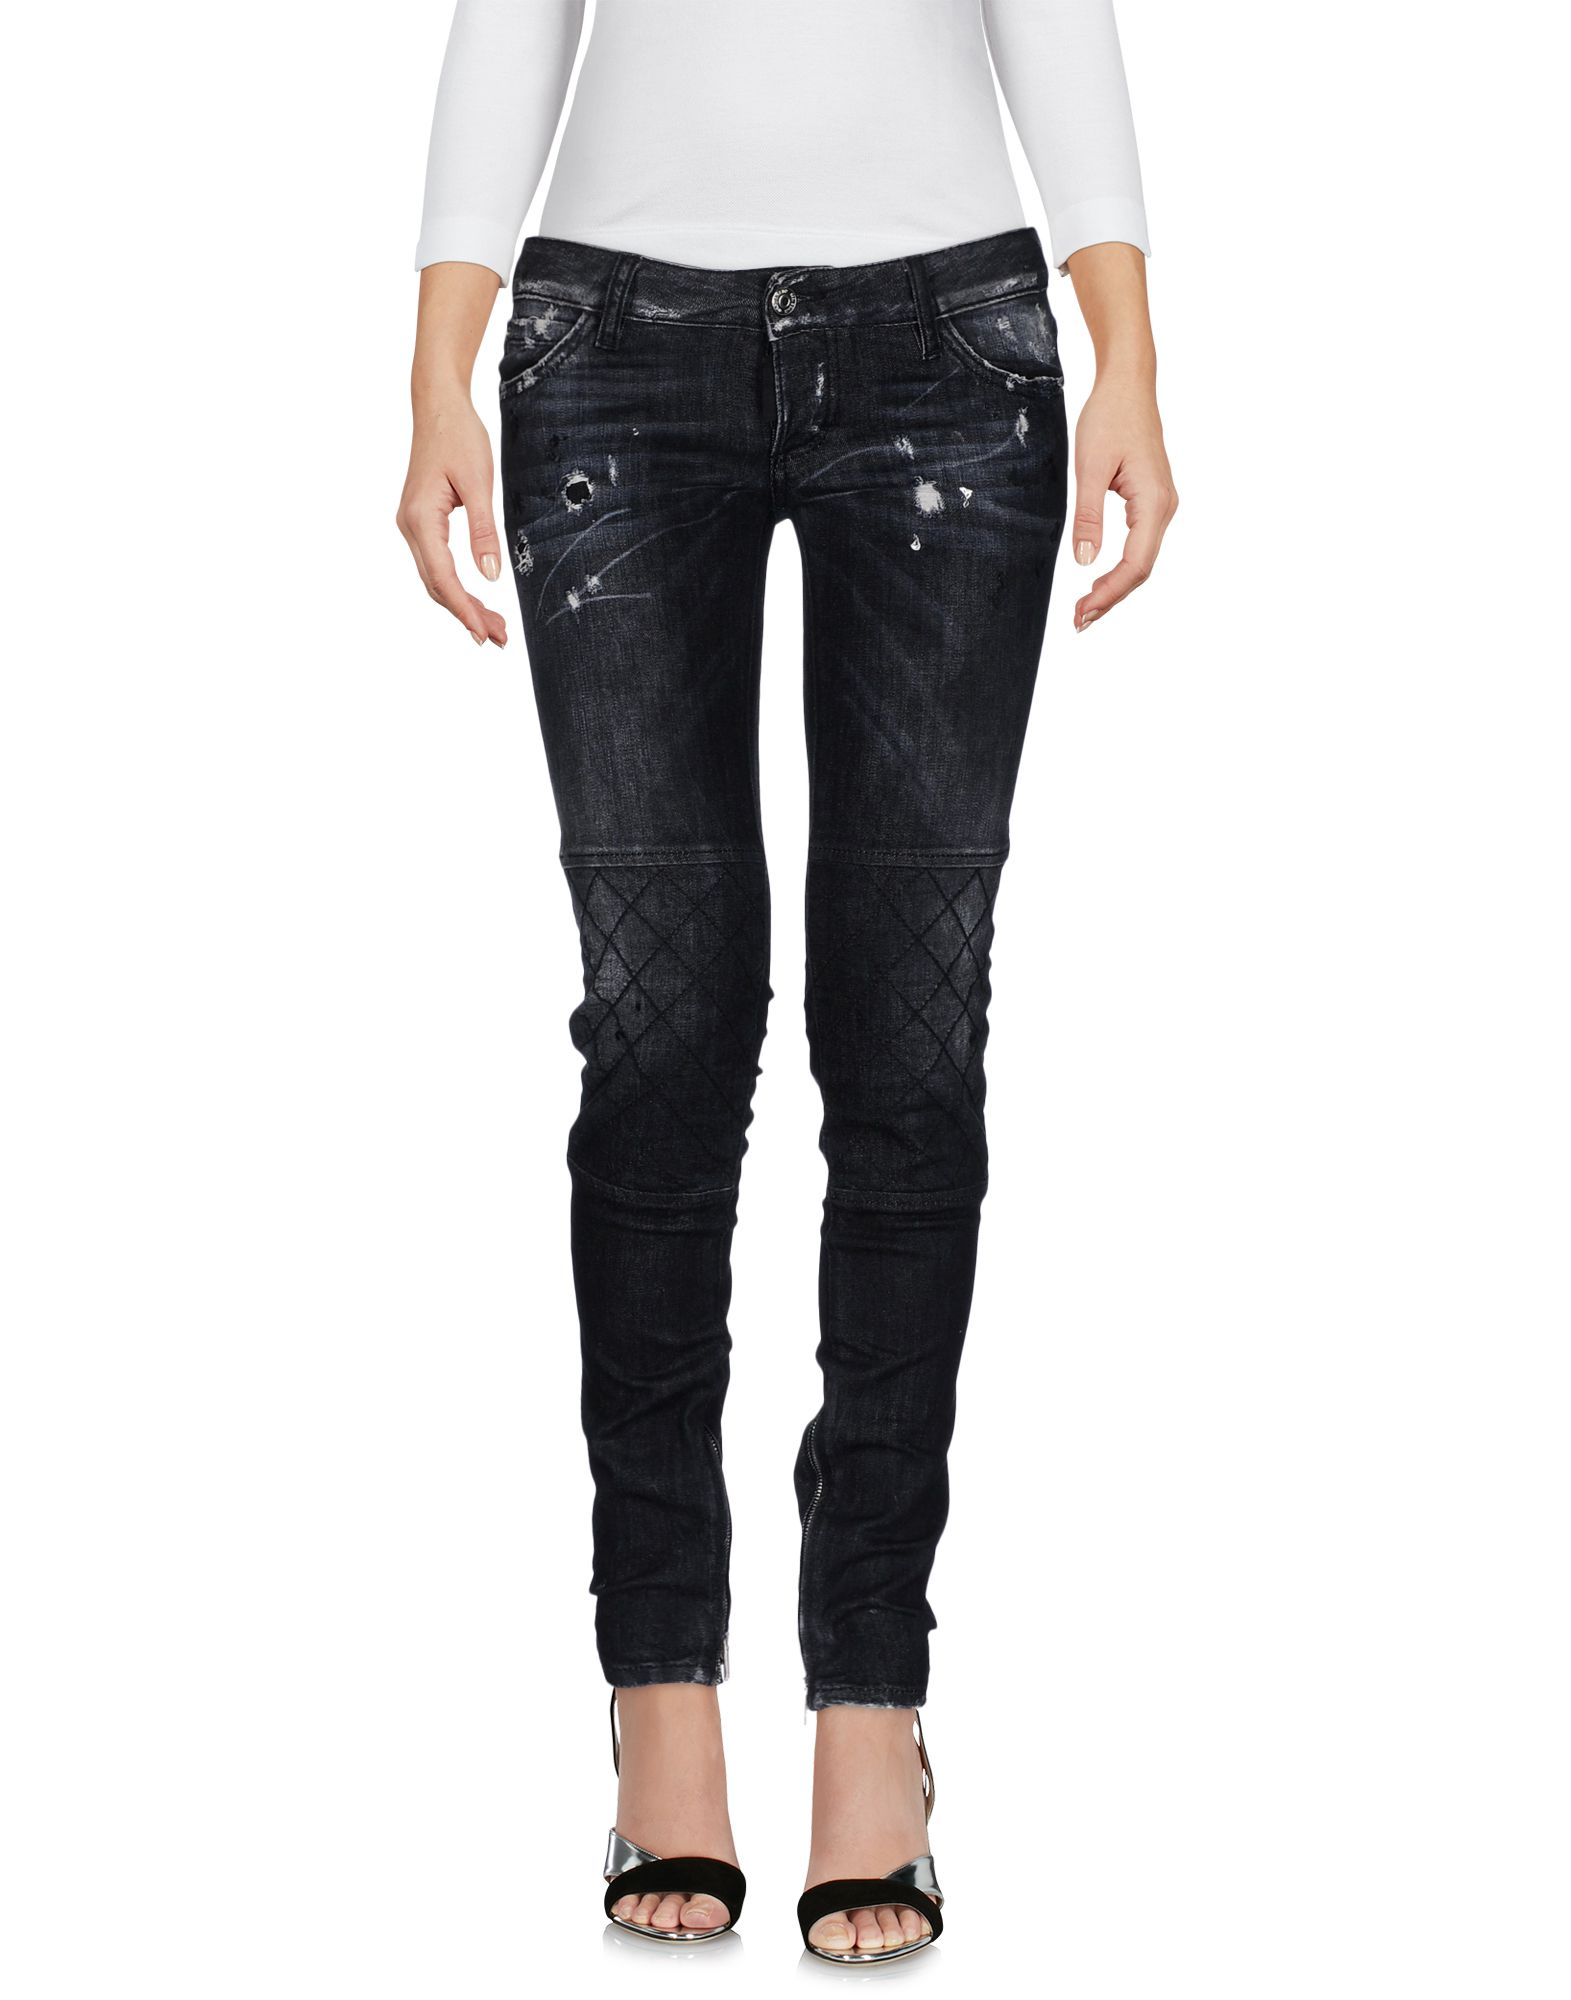 DSQUARED2 Damen Jeanshose Farbe Schwarz Größe 2 - broschei